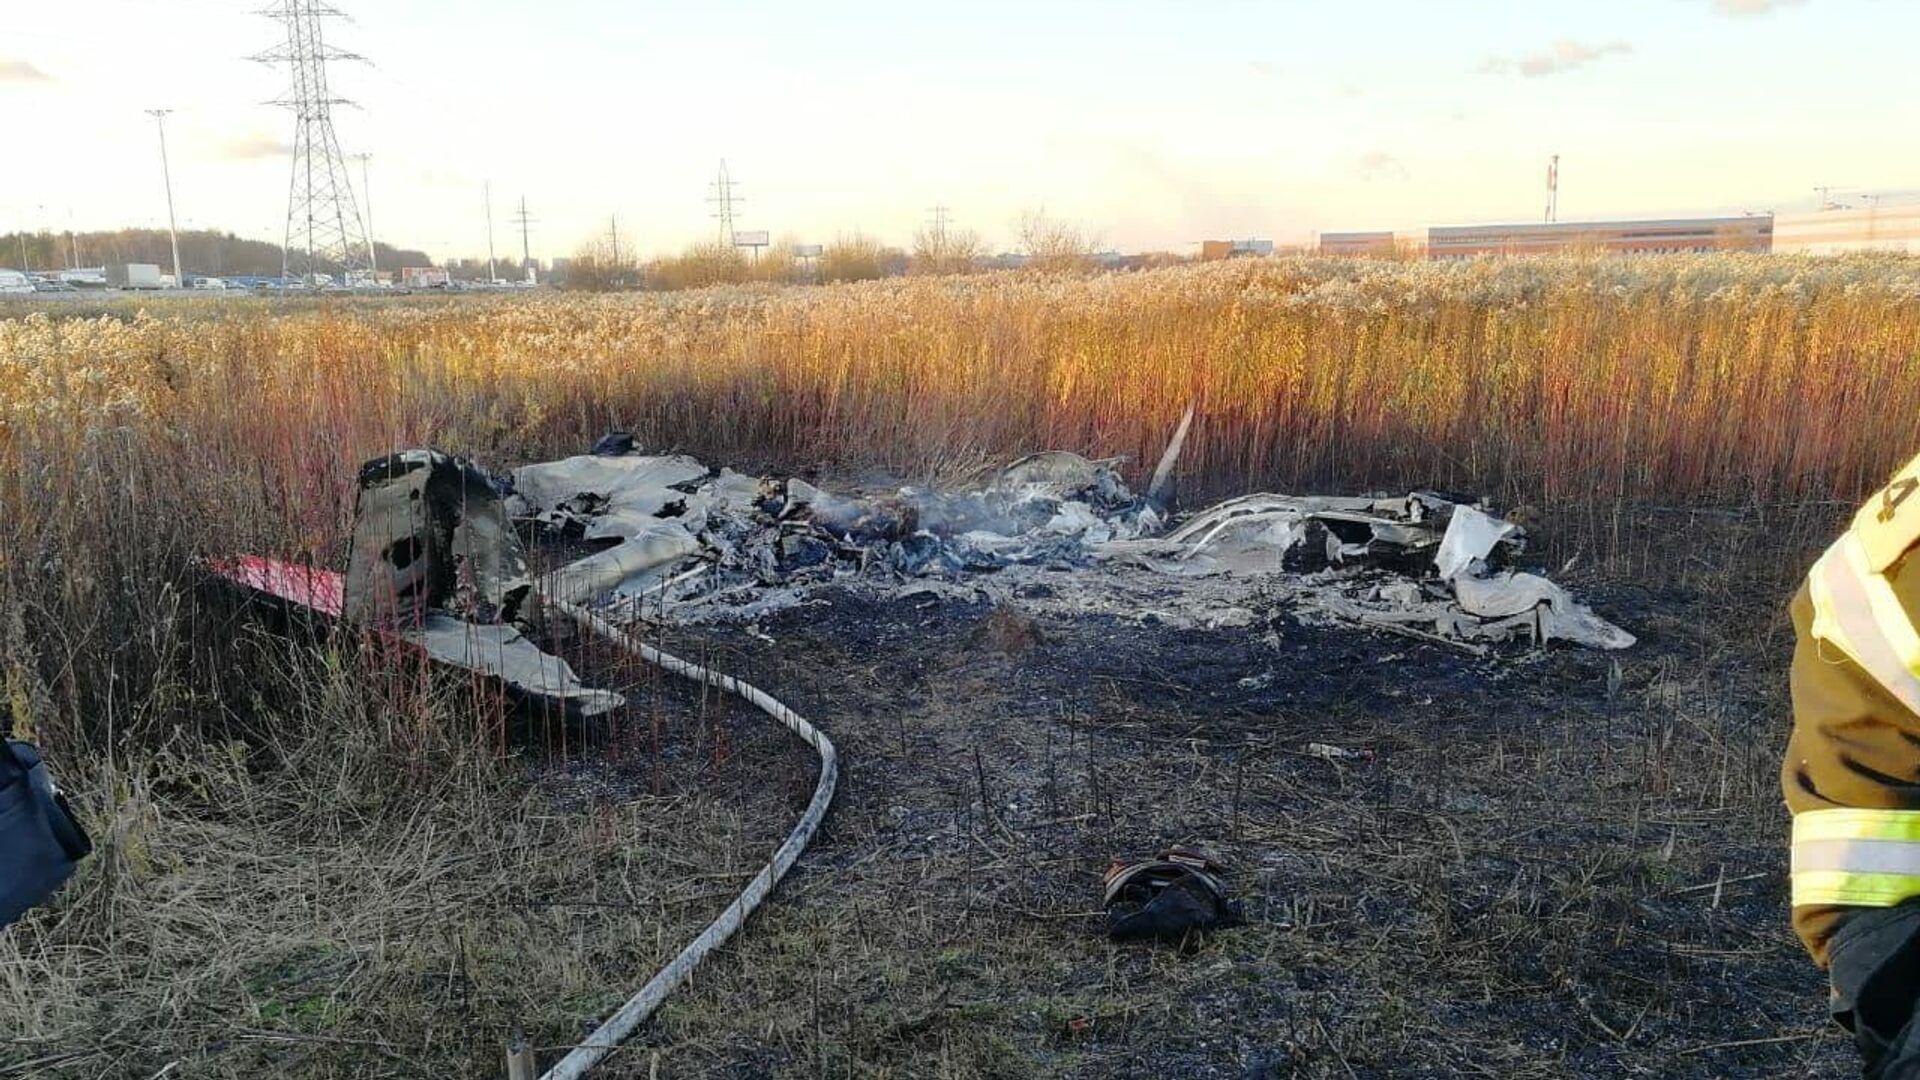 На месте аварийной посадки легкомоторного самолета в городском округе Люберцы - РИА Новости, 1920, 28.03.2021